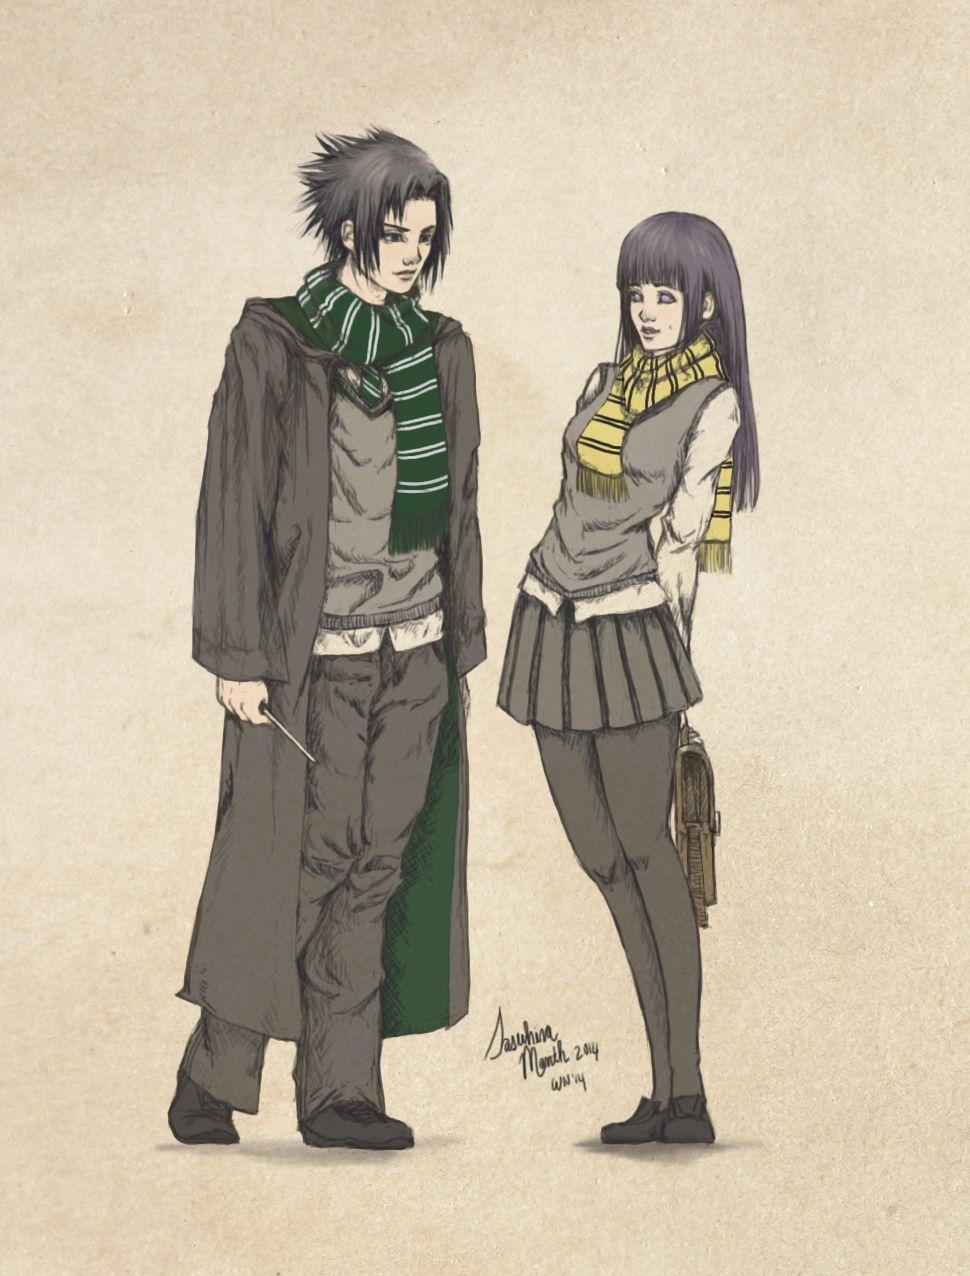 Sasuhina Harry Potter Crossover By Foxymcfly On Deviantart Sasuhina Harry Potter Crossover Naruto Gaiden